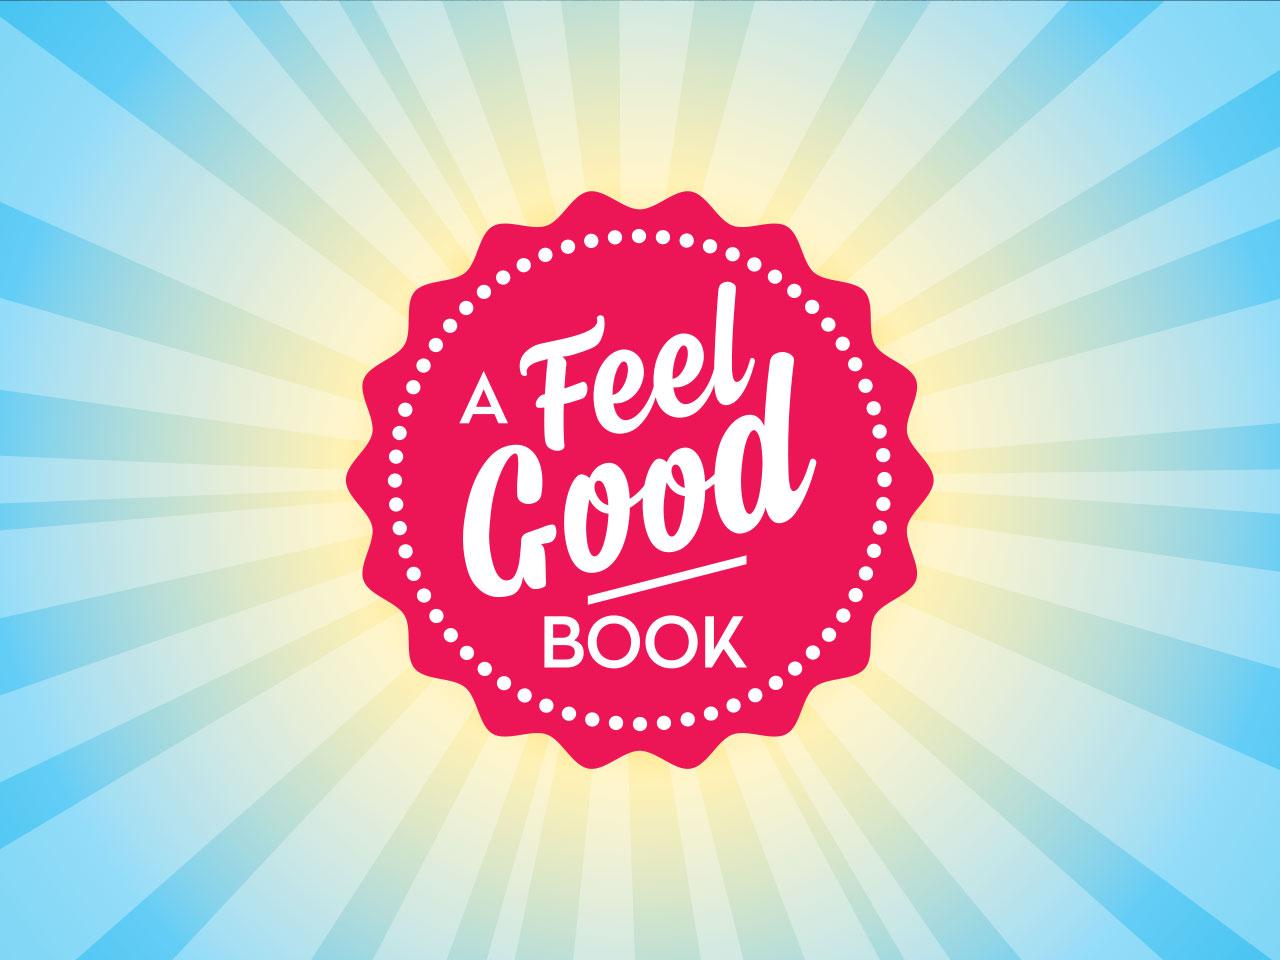 FEEL GOOD BOOKS - Logo seal design